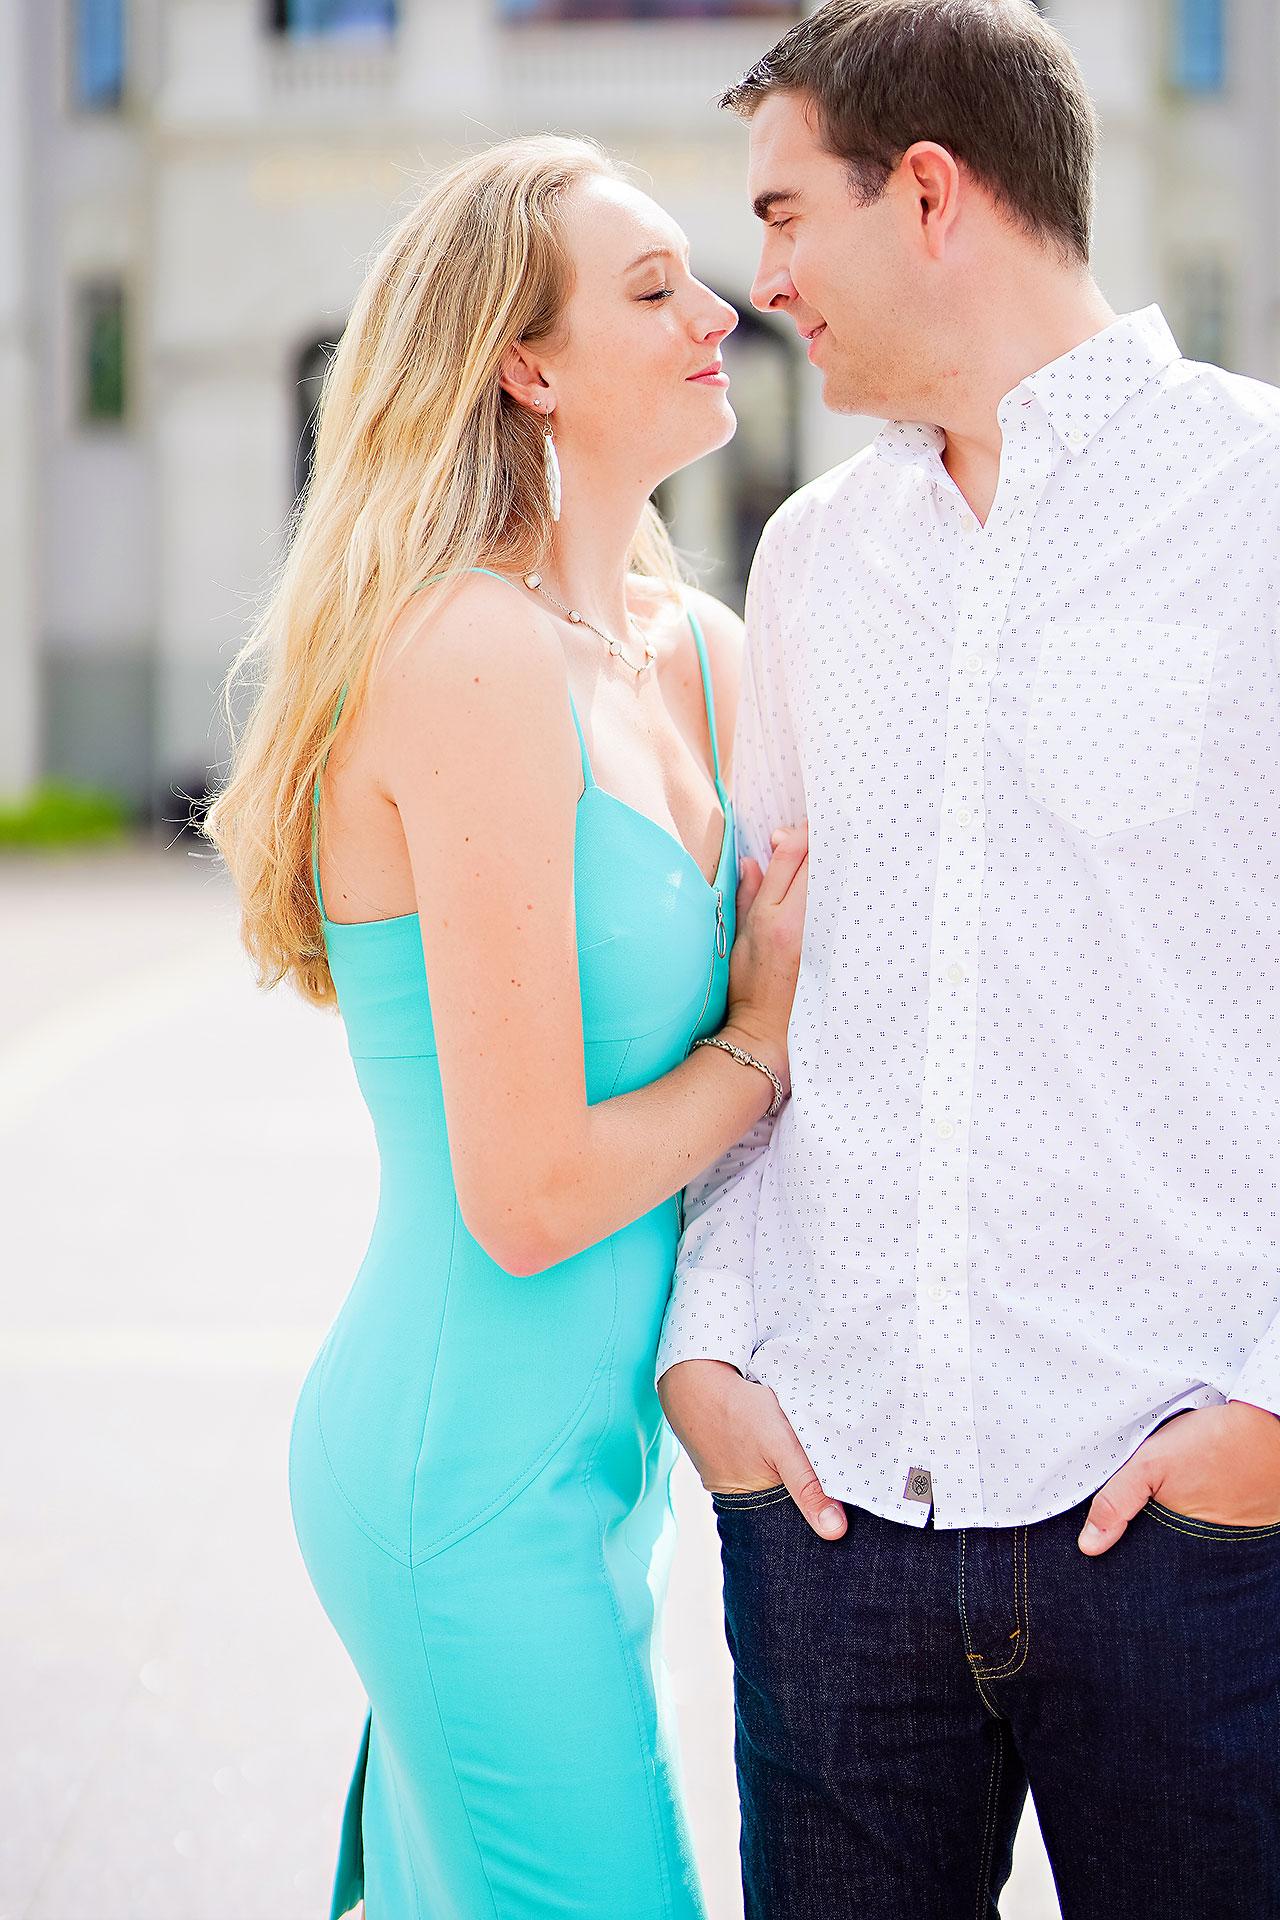 Liz Zach Midtown Carmel Engagement Session 104